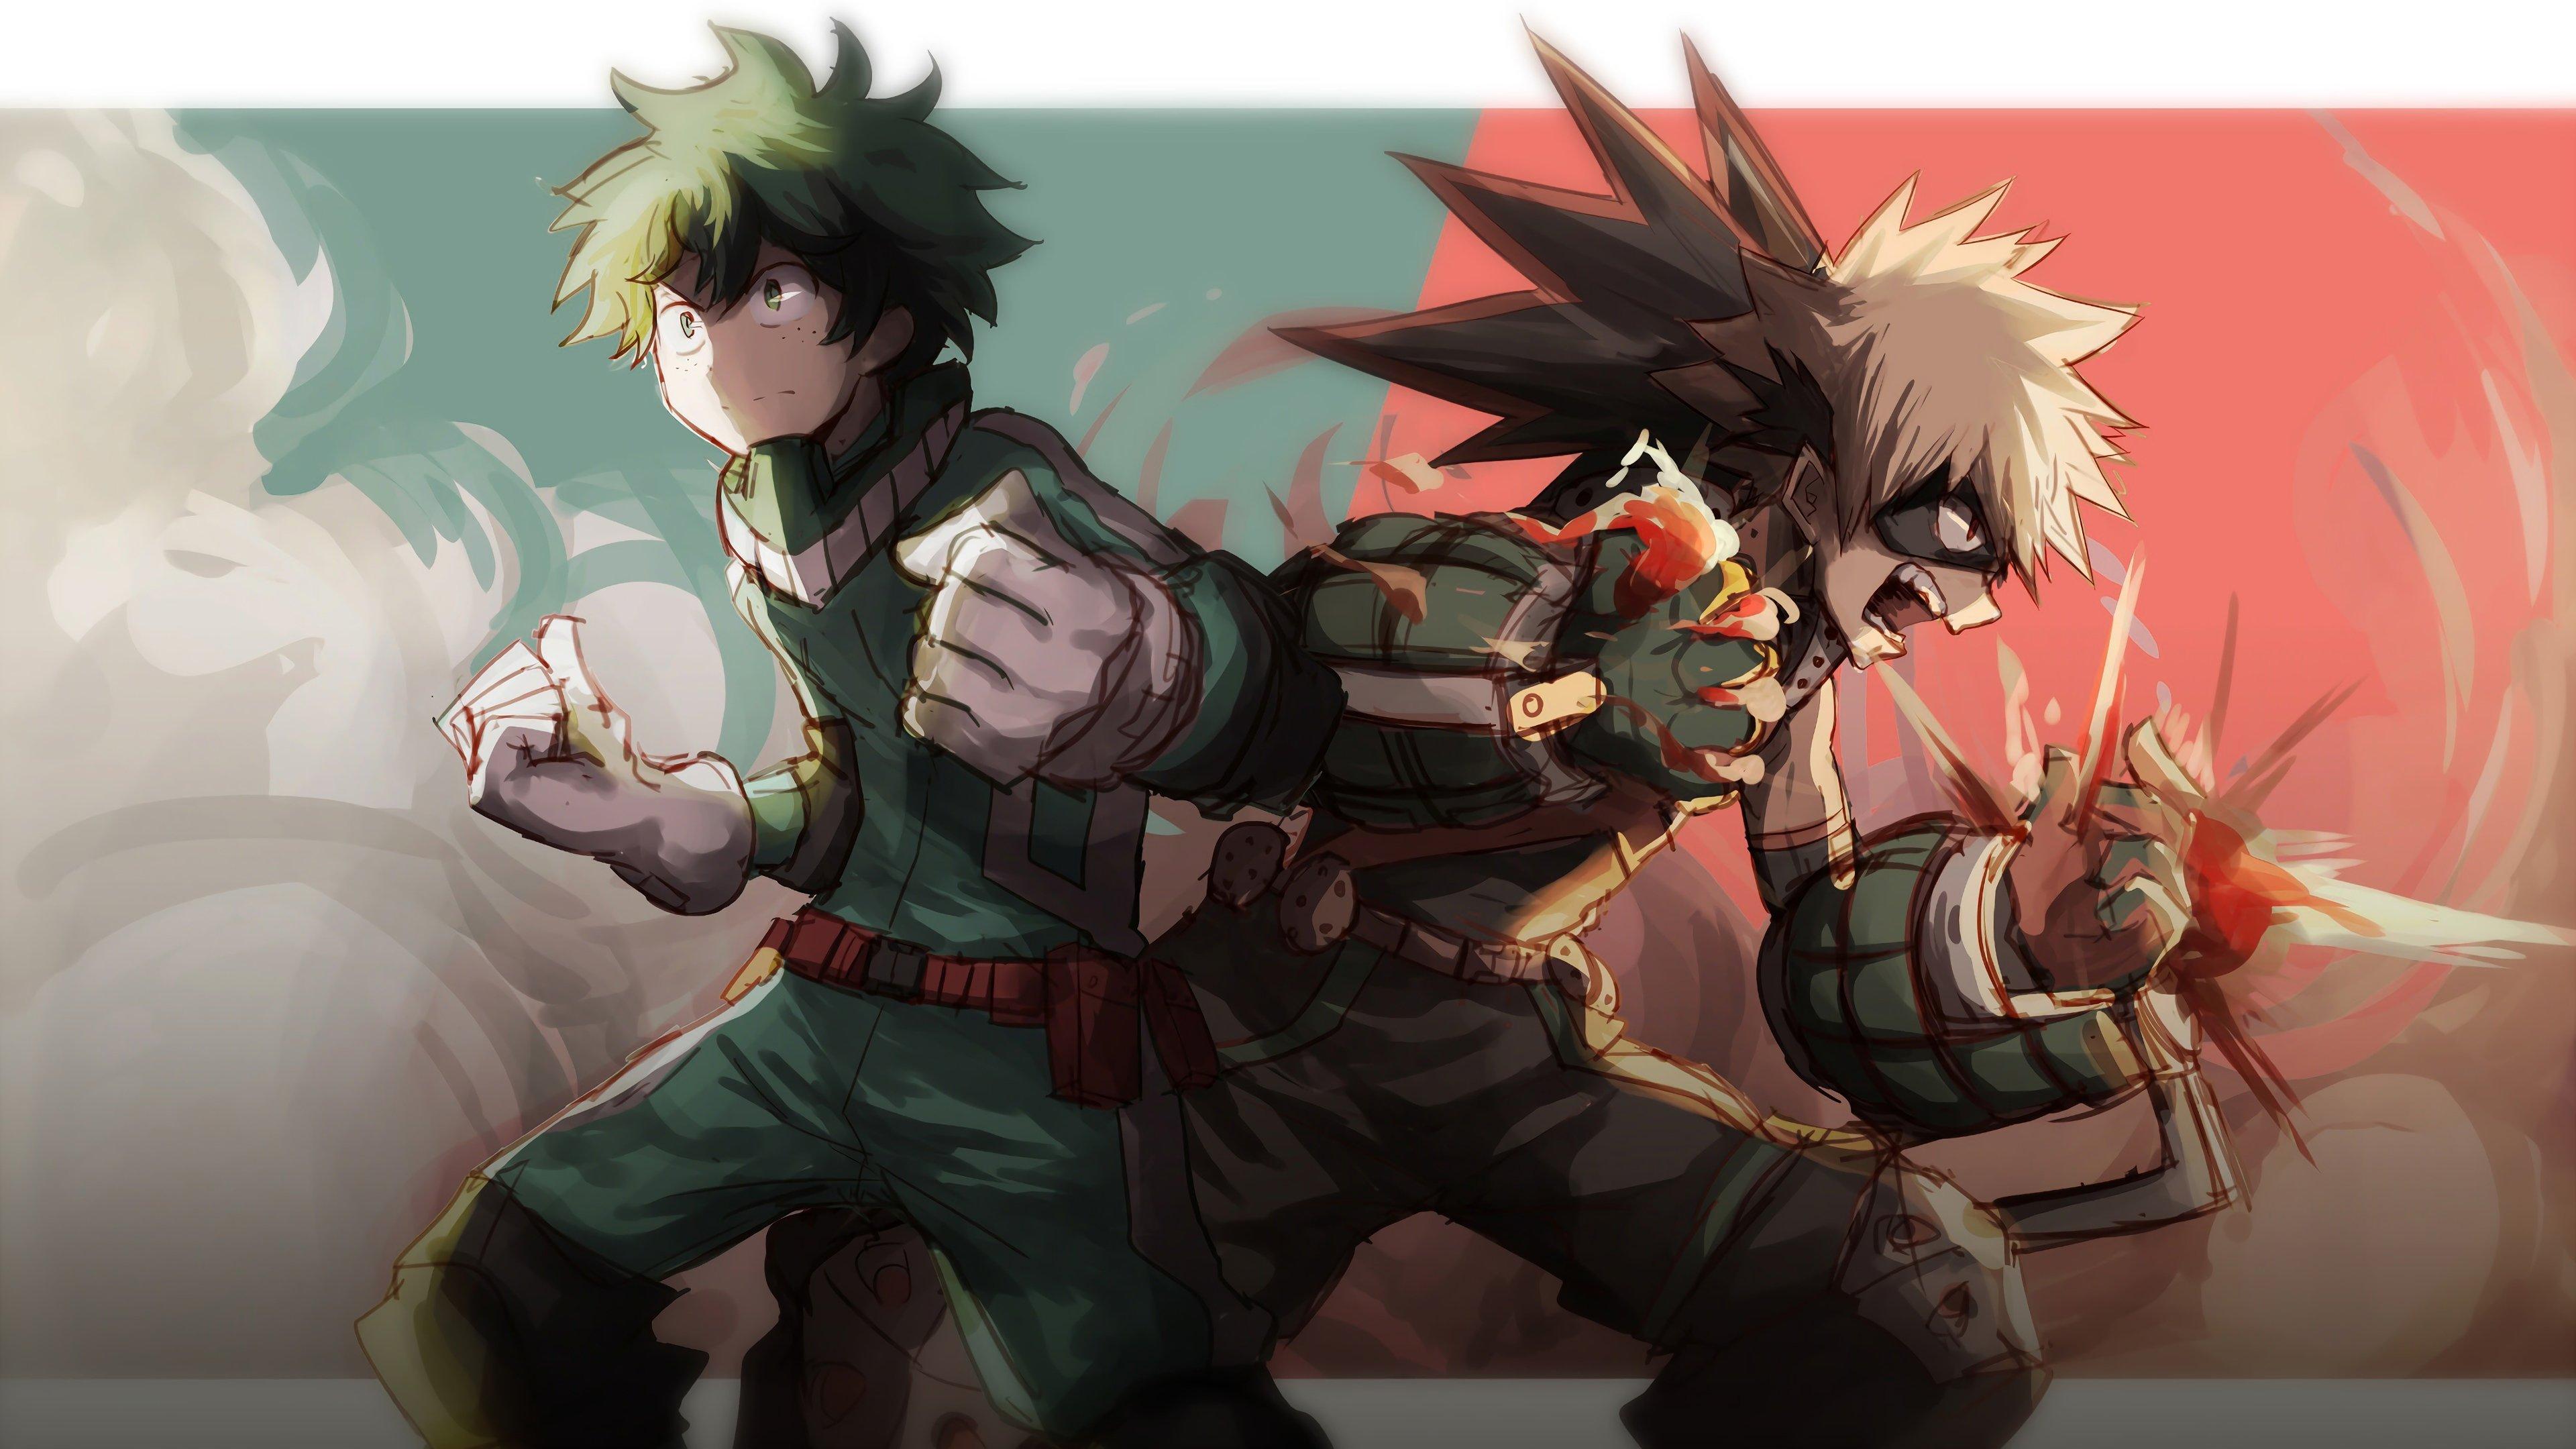 Fondos de pantalla Anime Katsuki Bakugou y Izuku Midoriya My Hero Academia